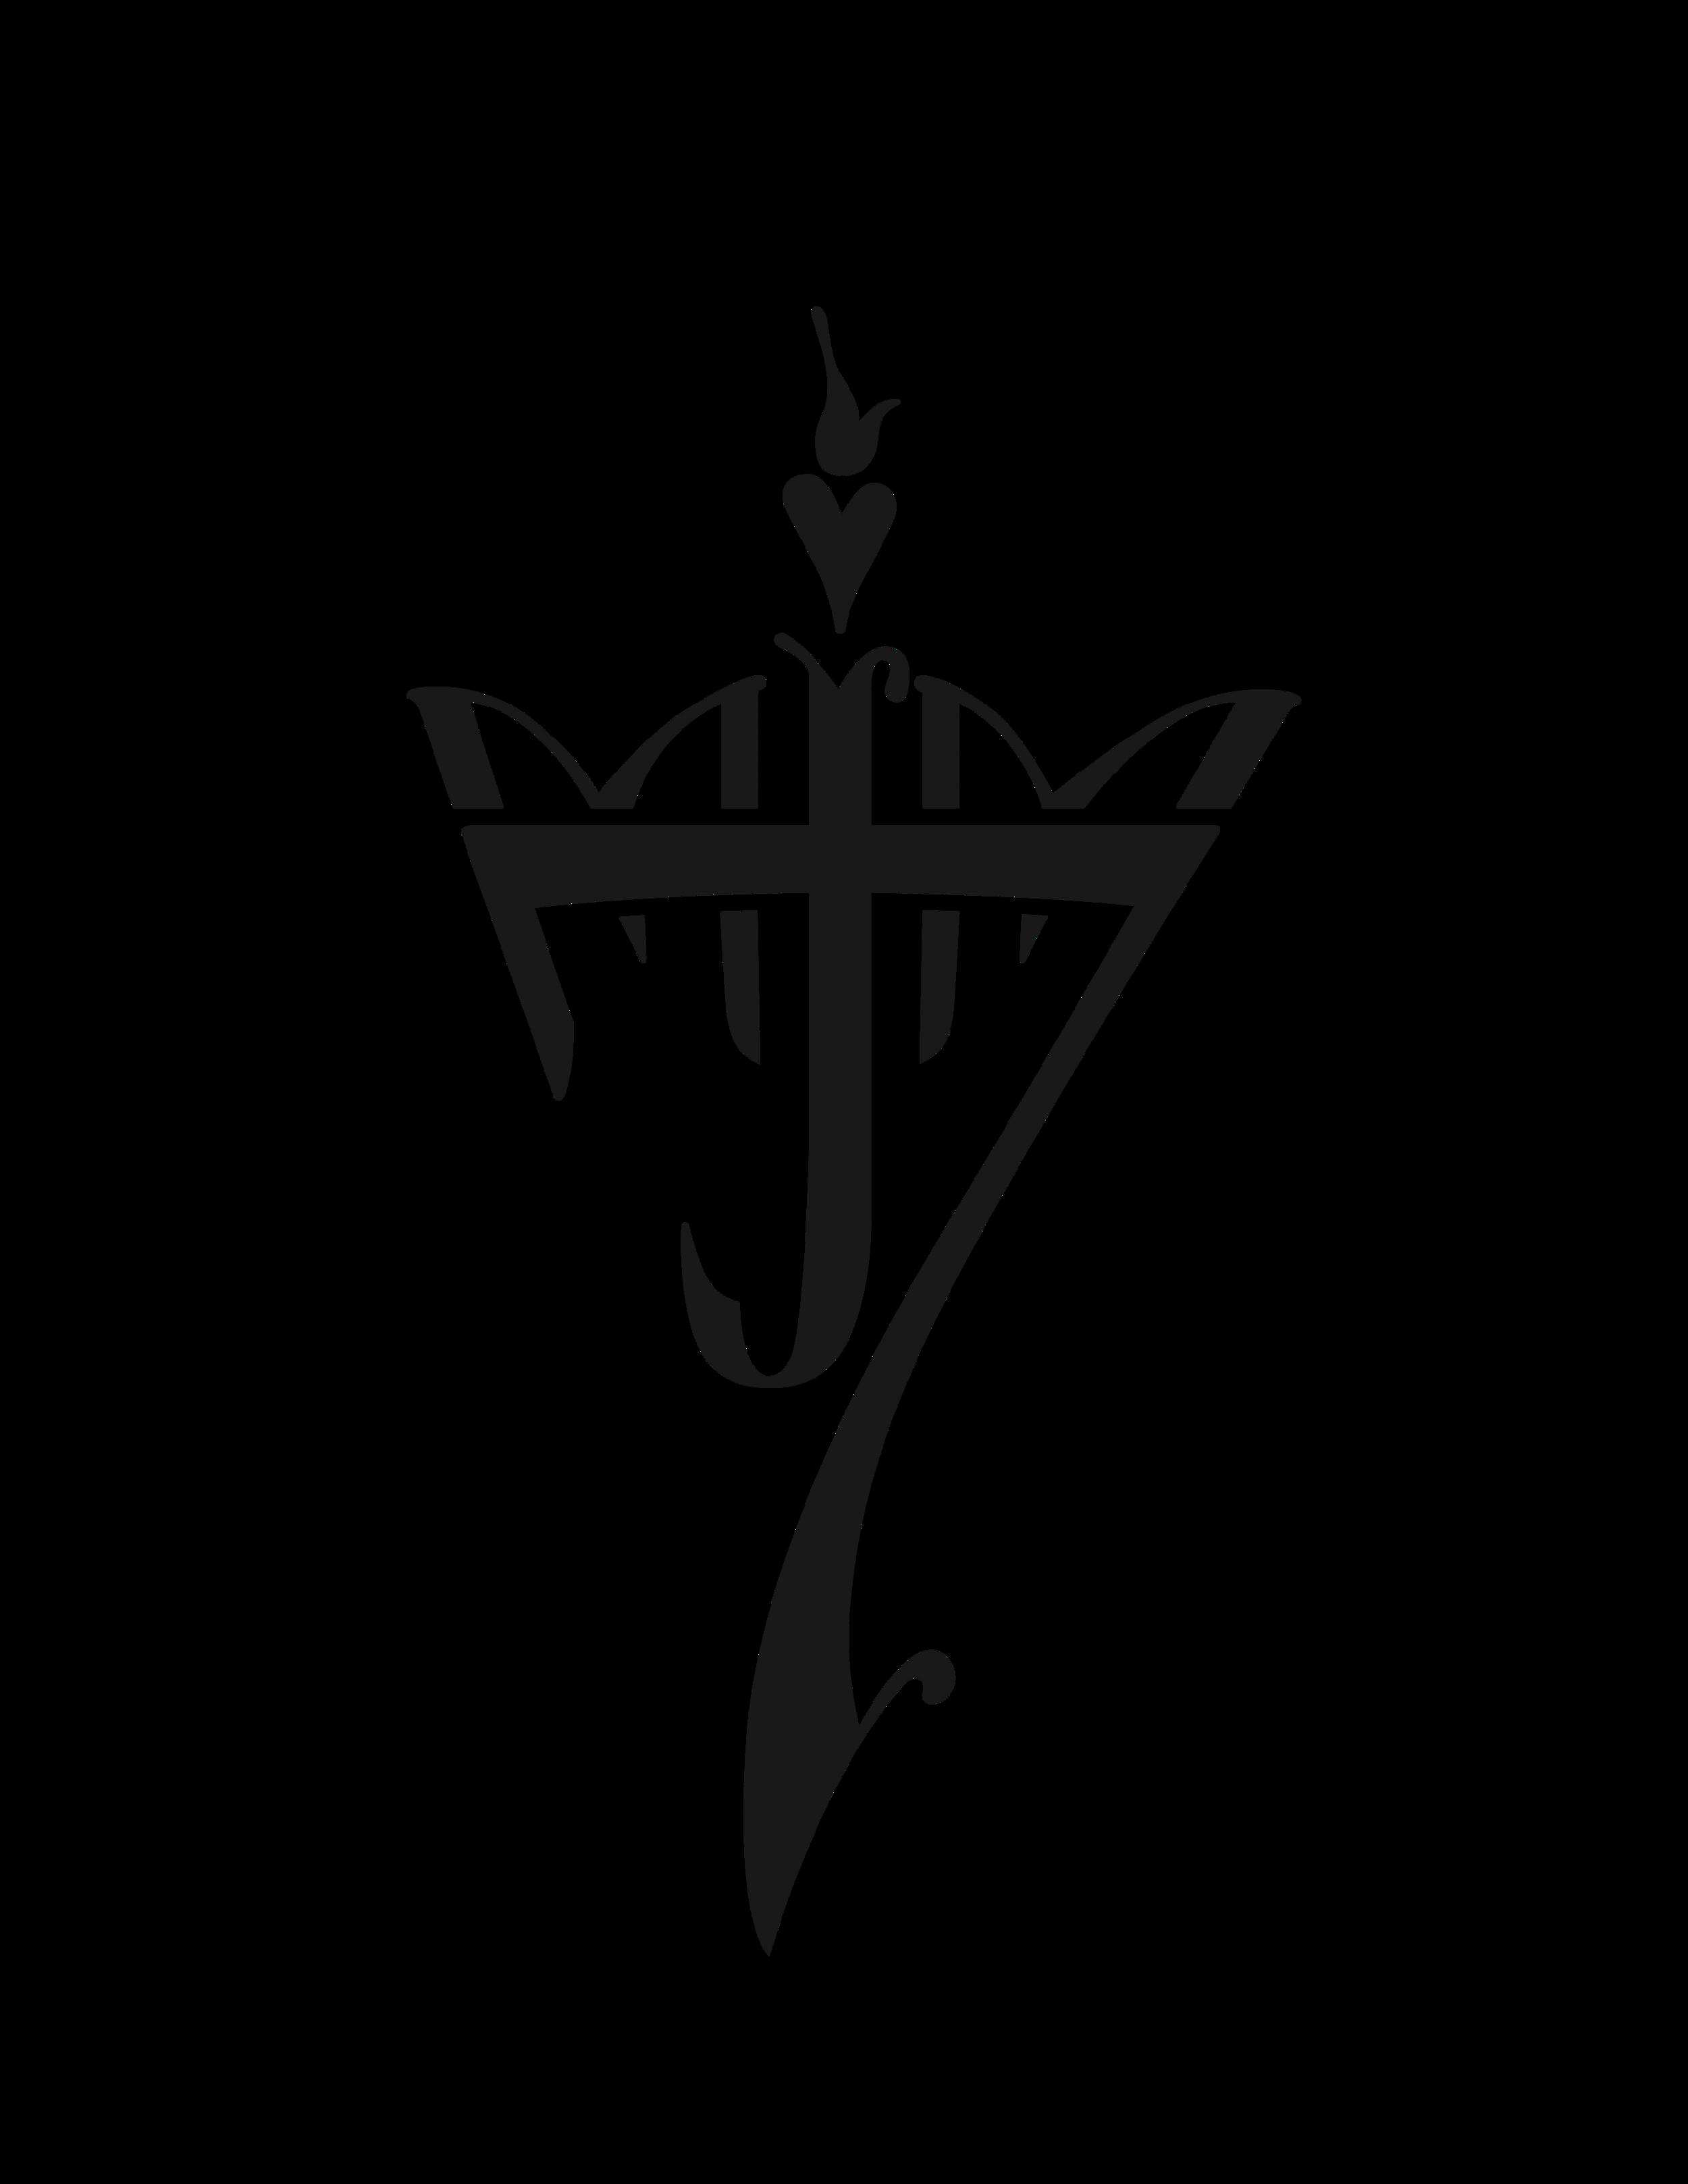 MJM7 Logo.jpg